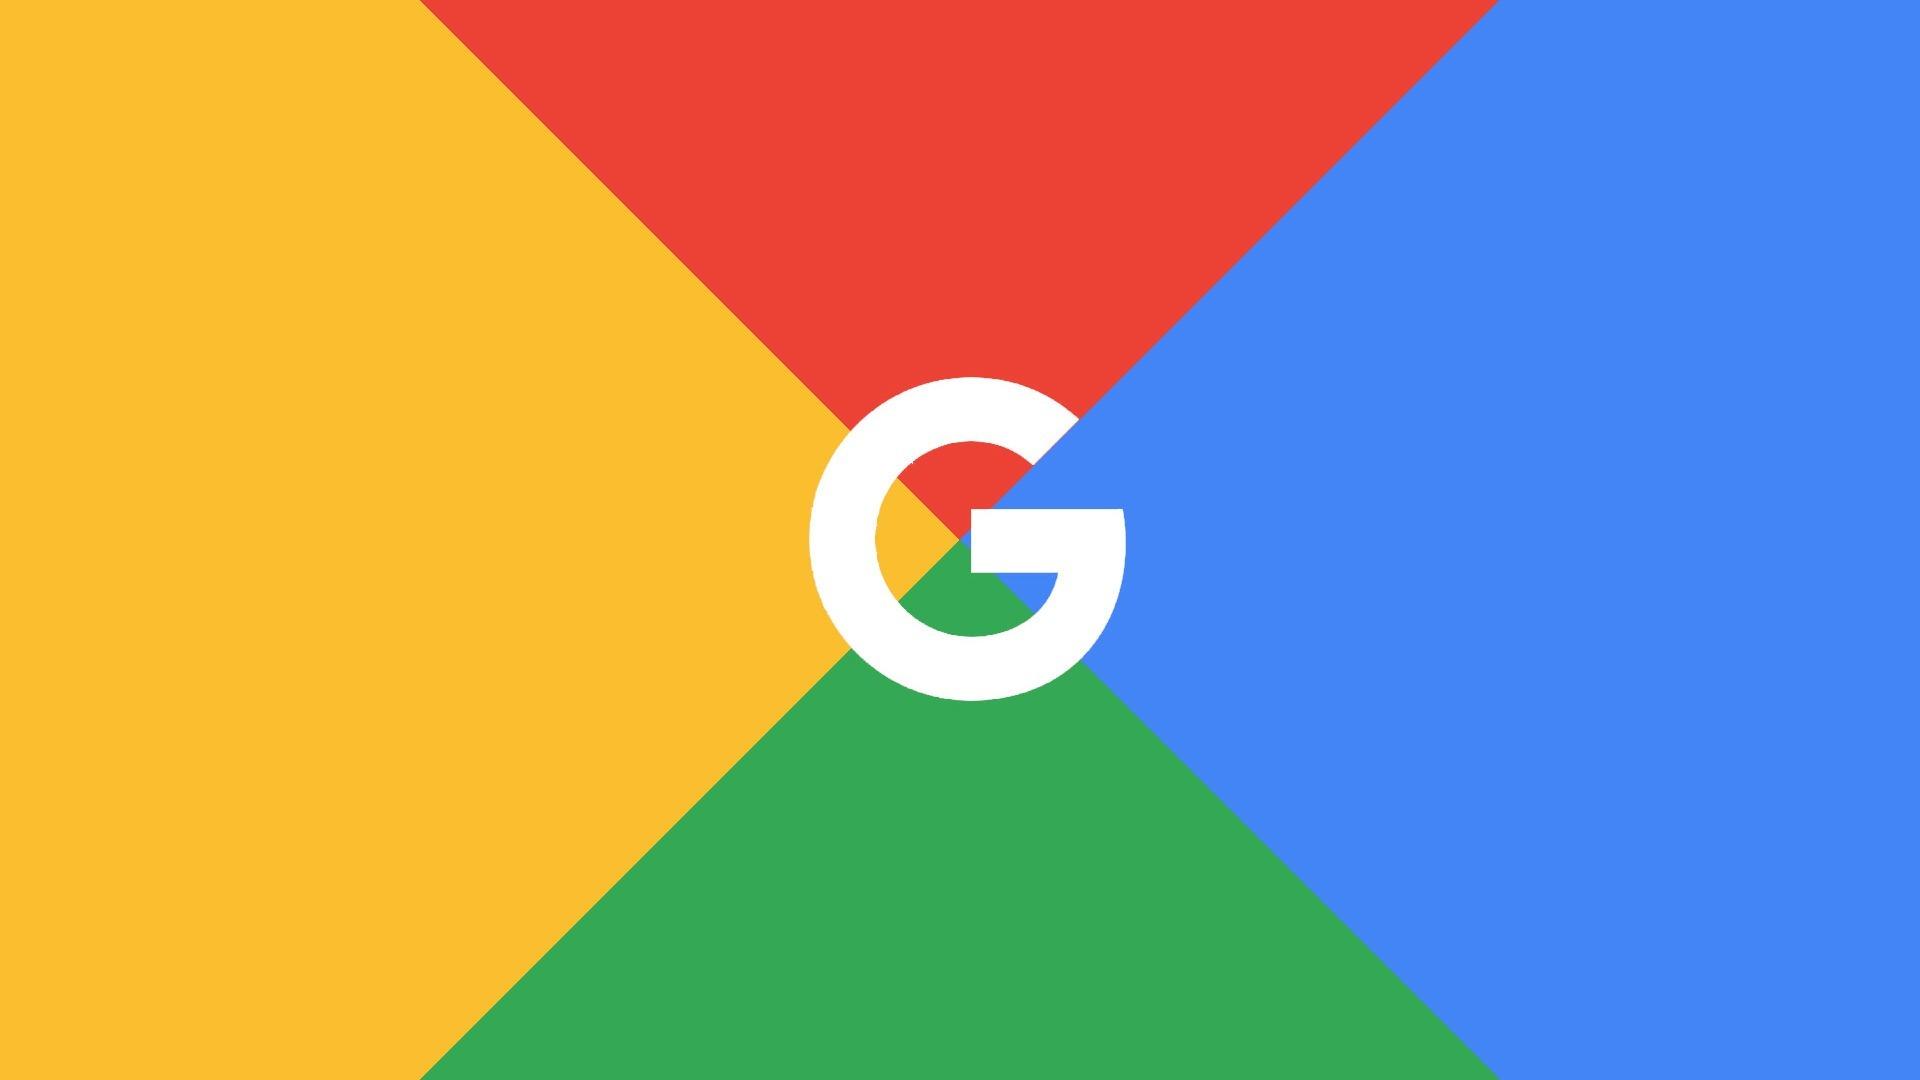 Googles Recent Phantom Update